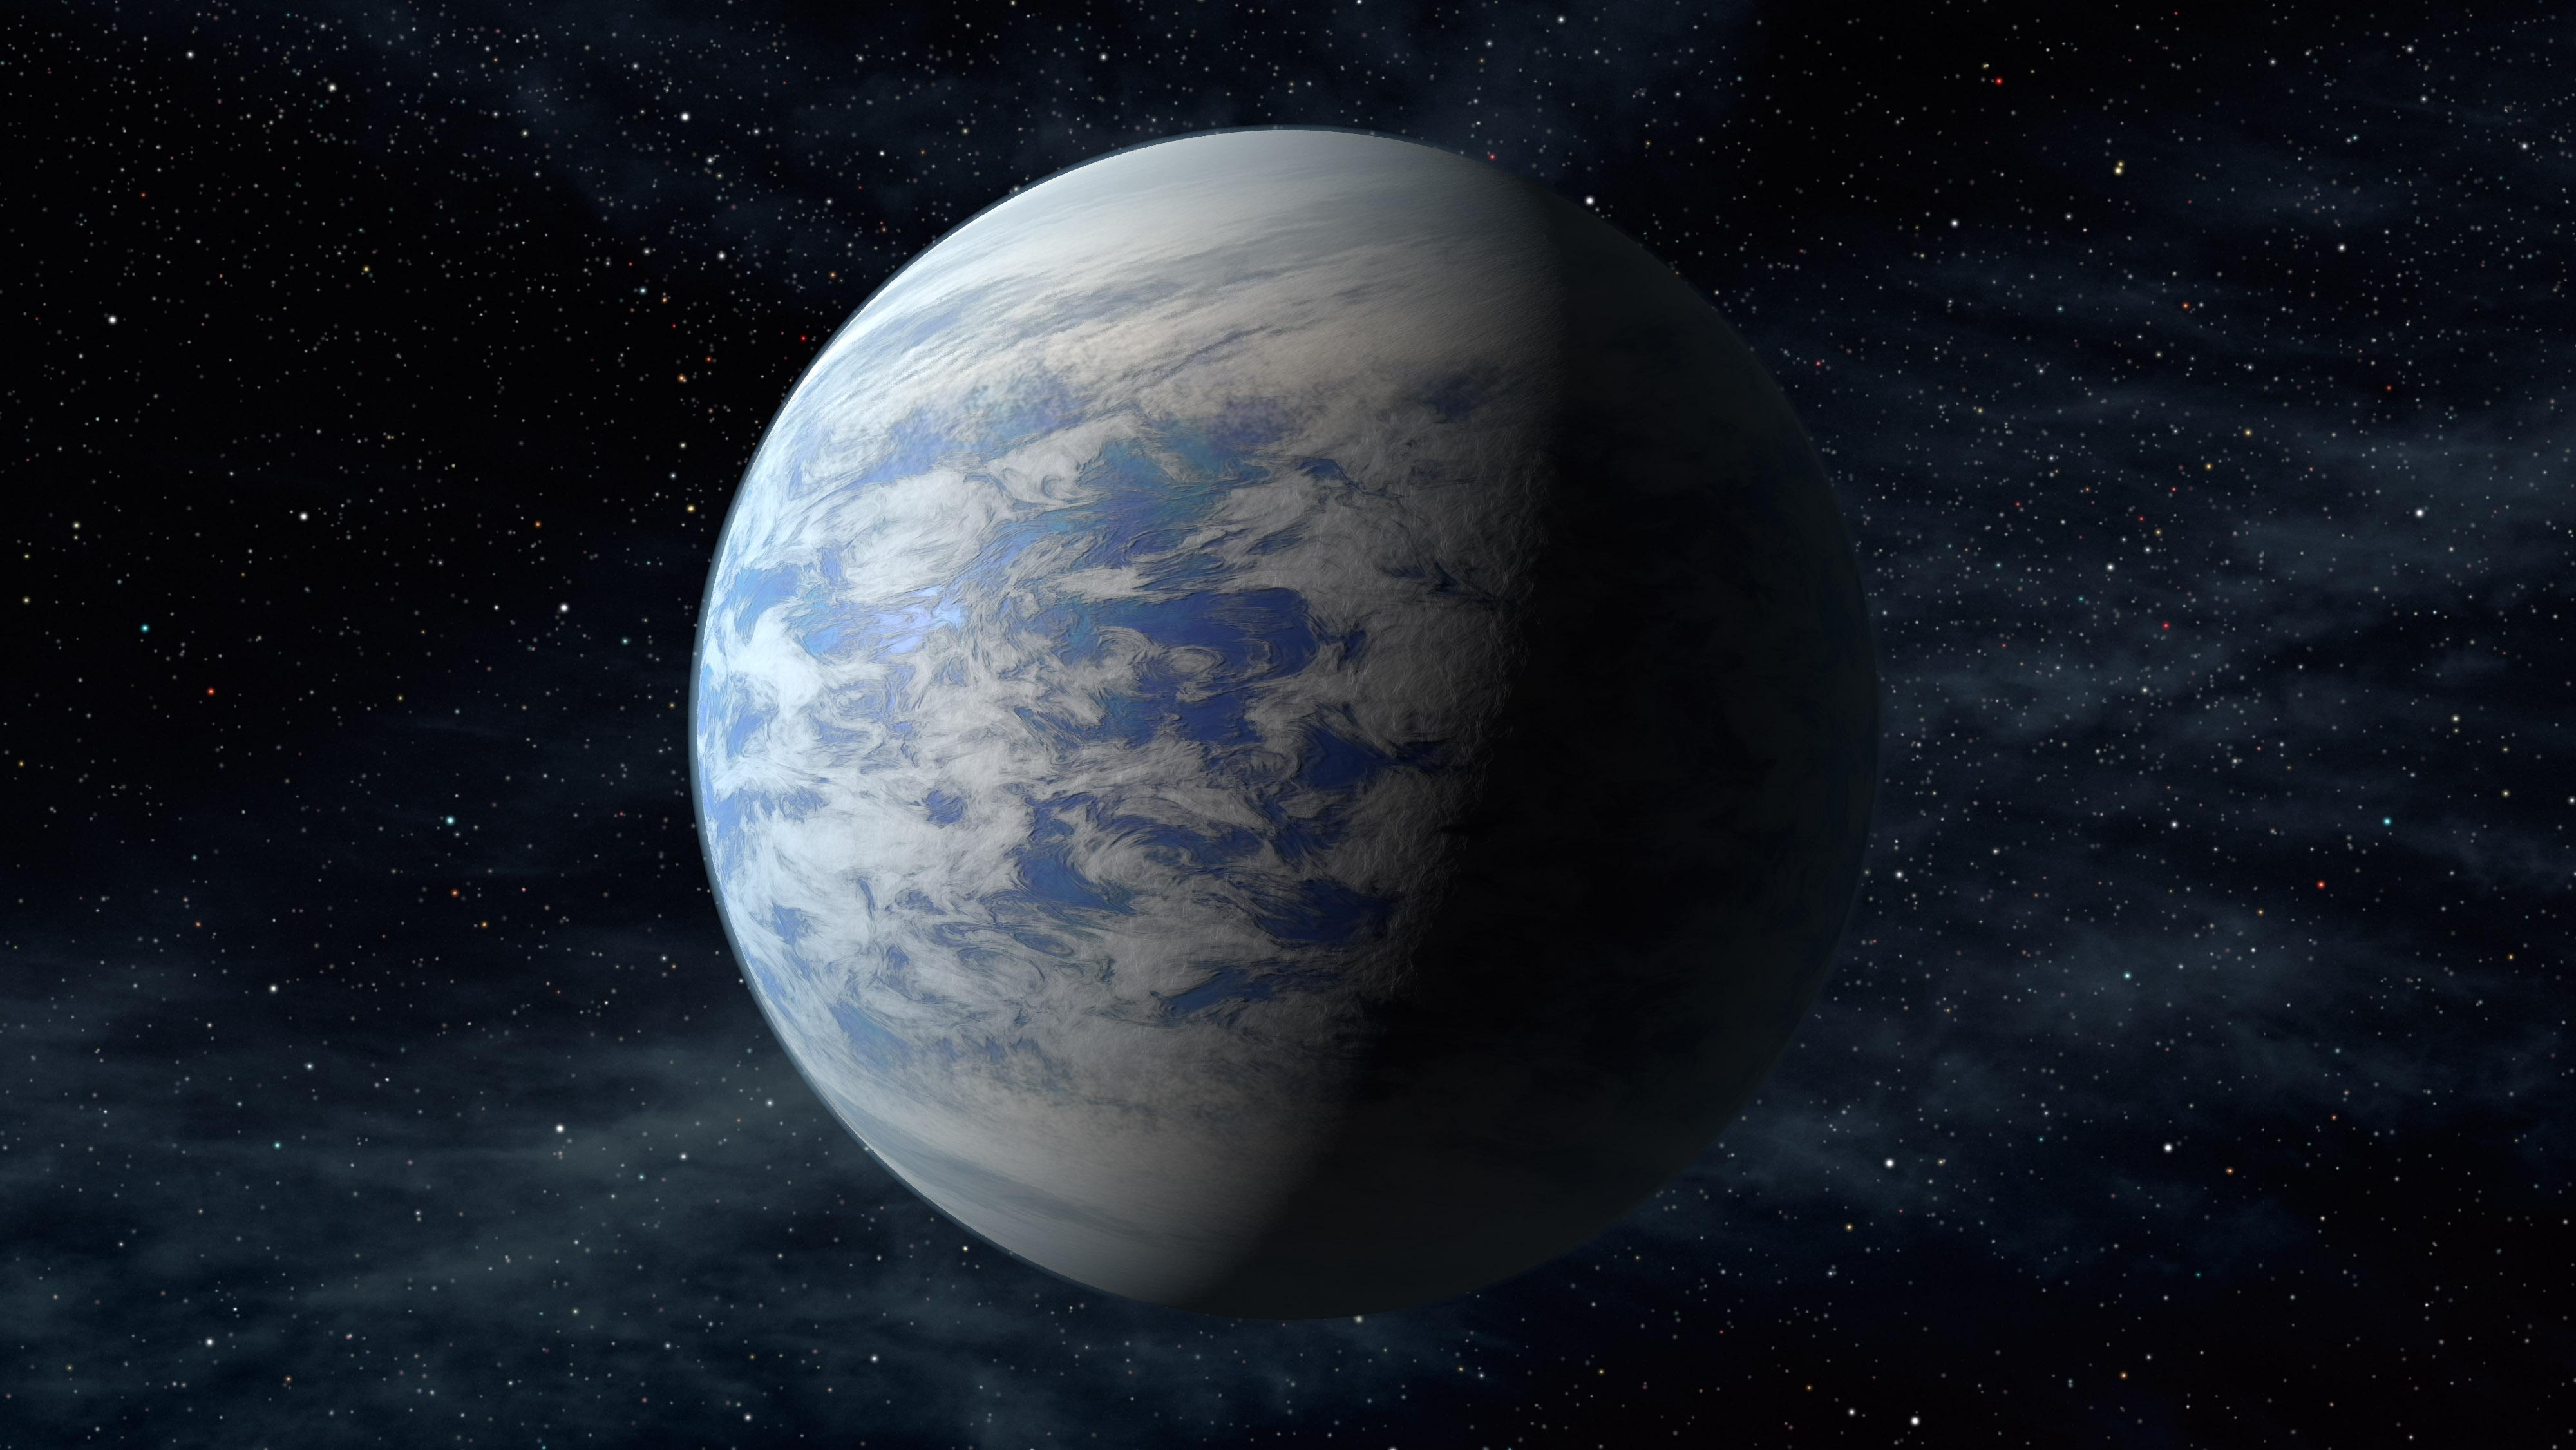 سیارات مشابه زمین | Kepler-69c